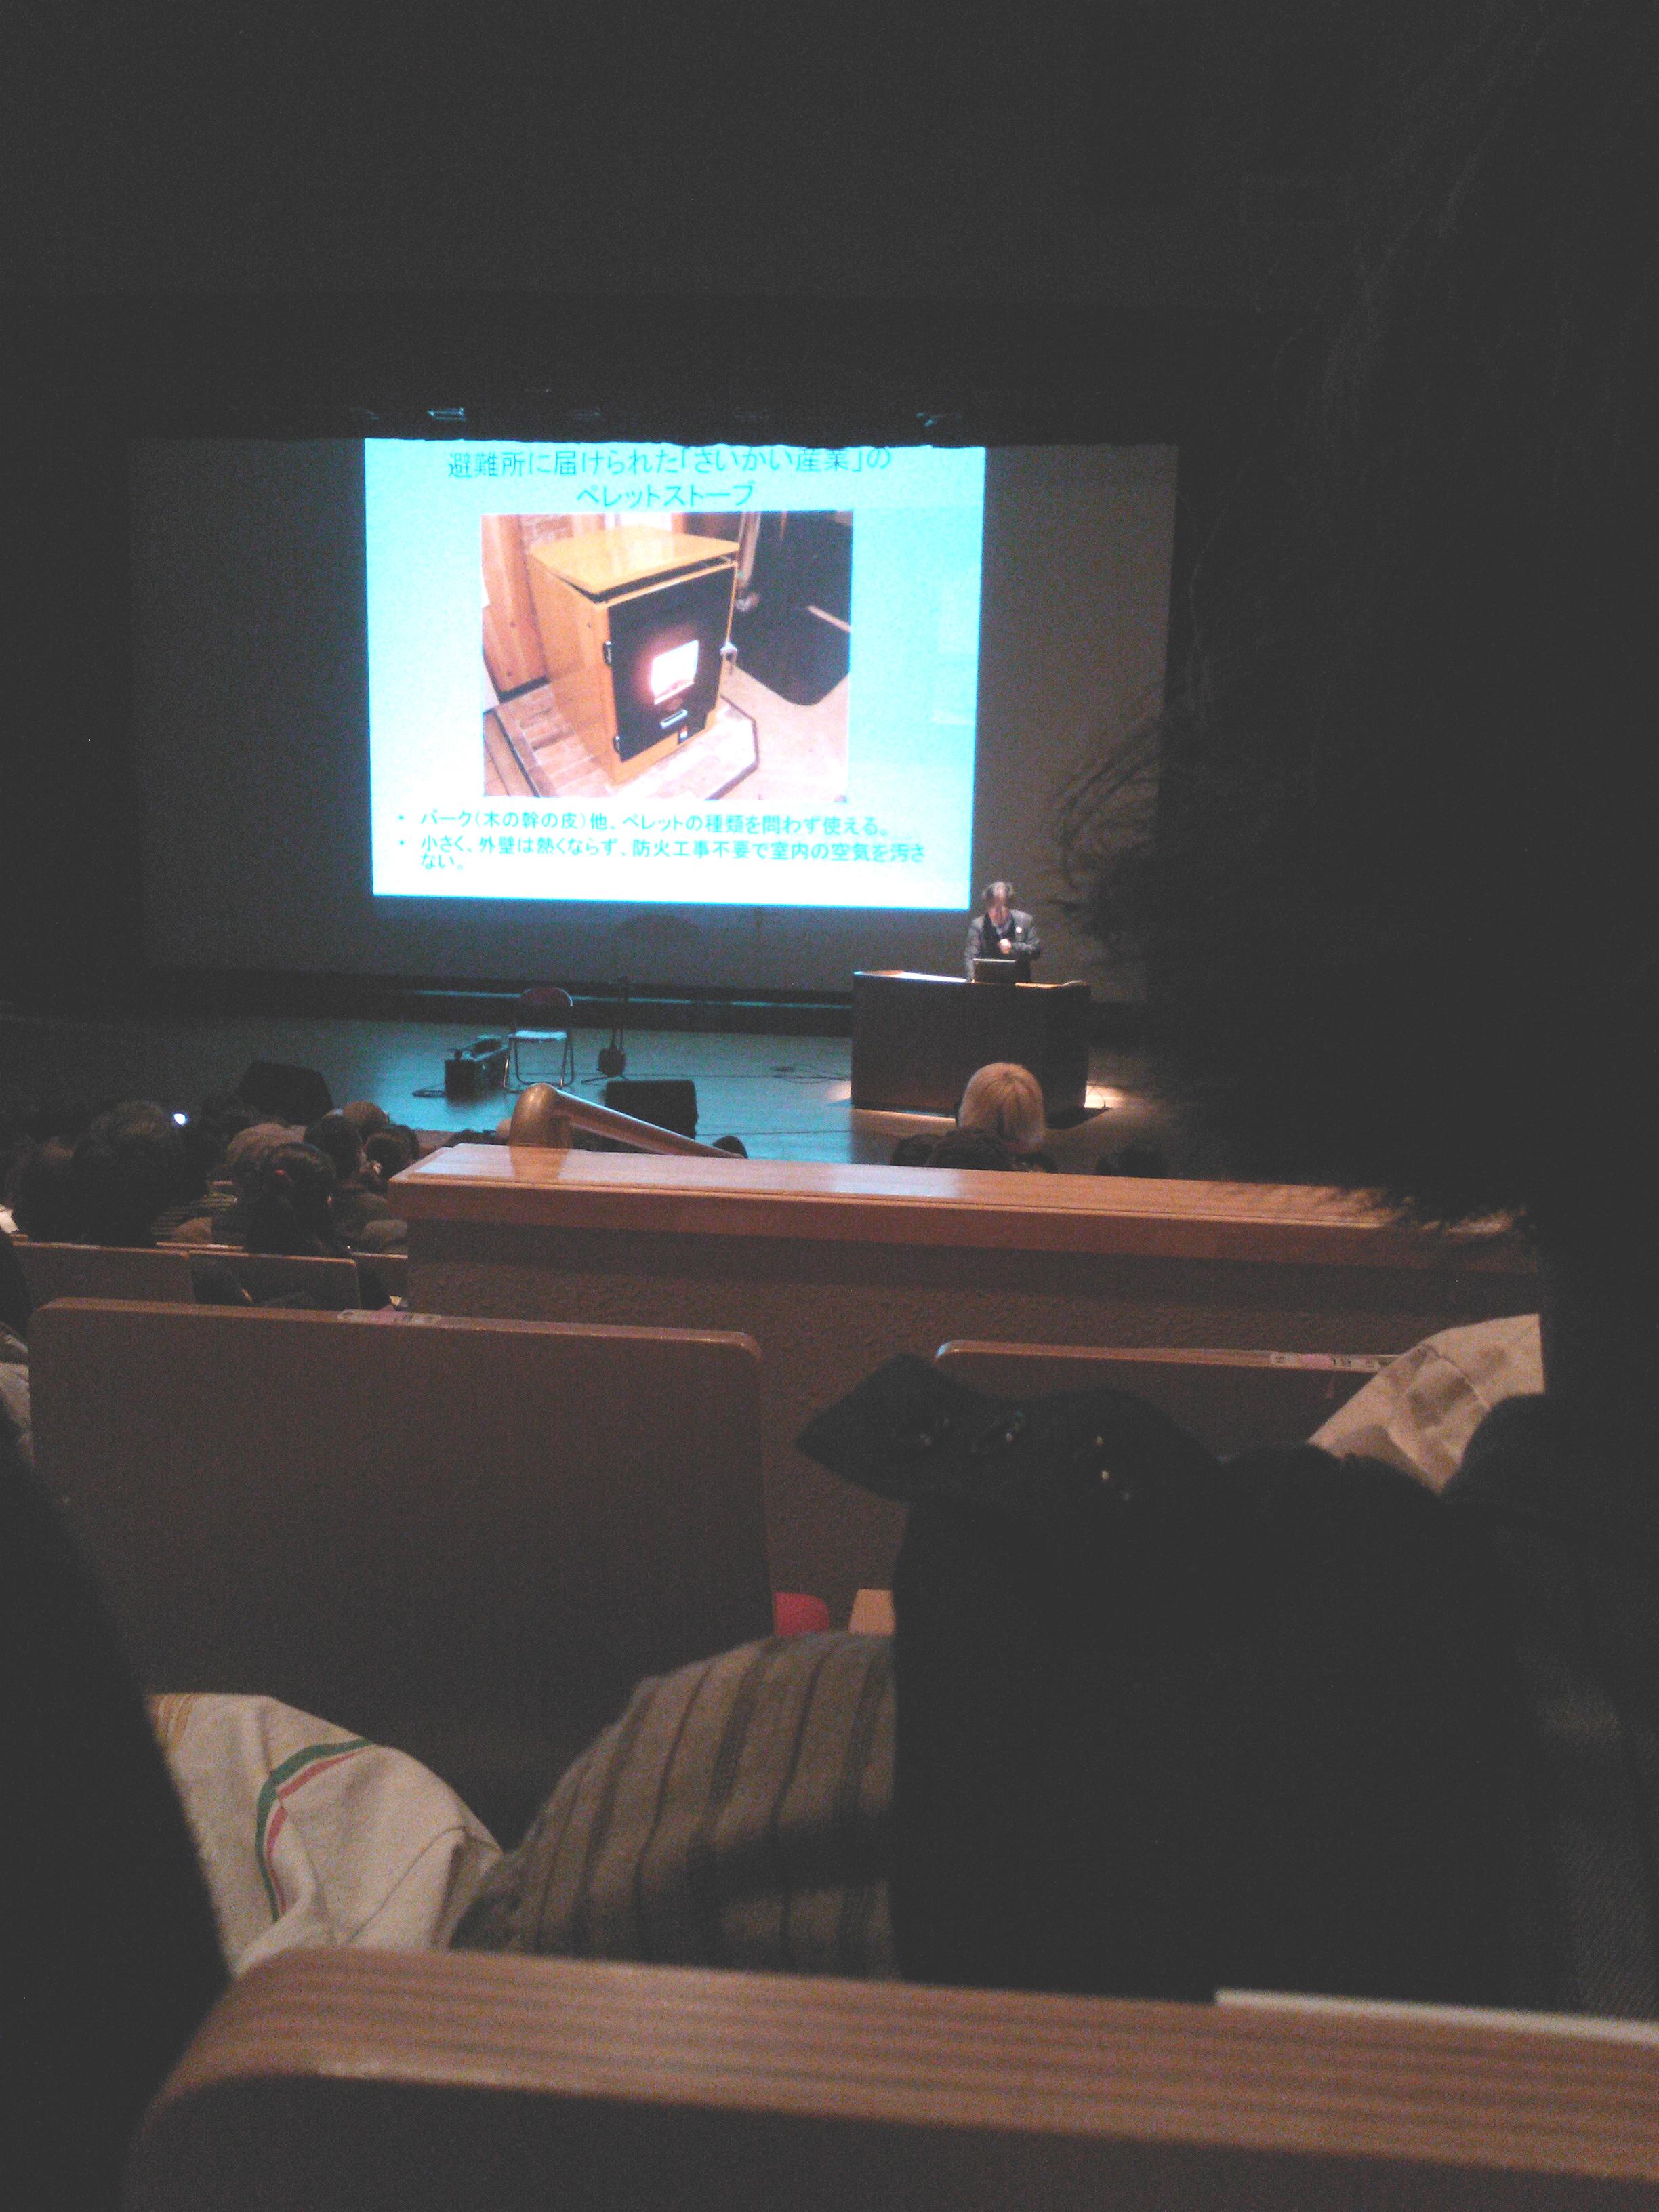 田中優さんの講演